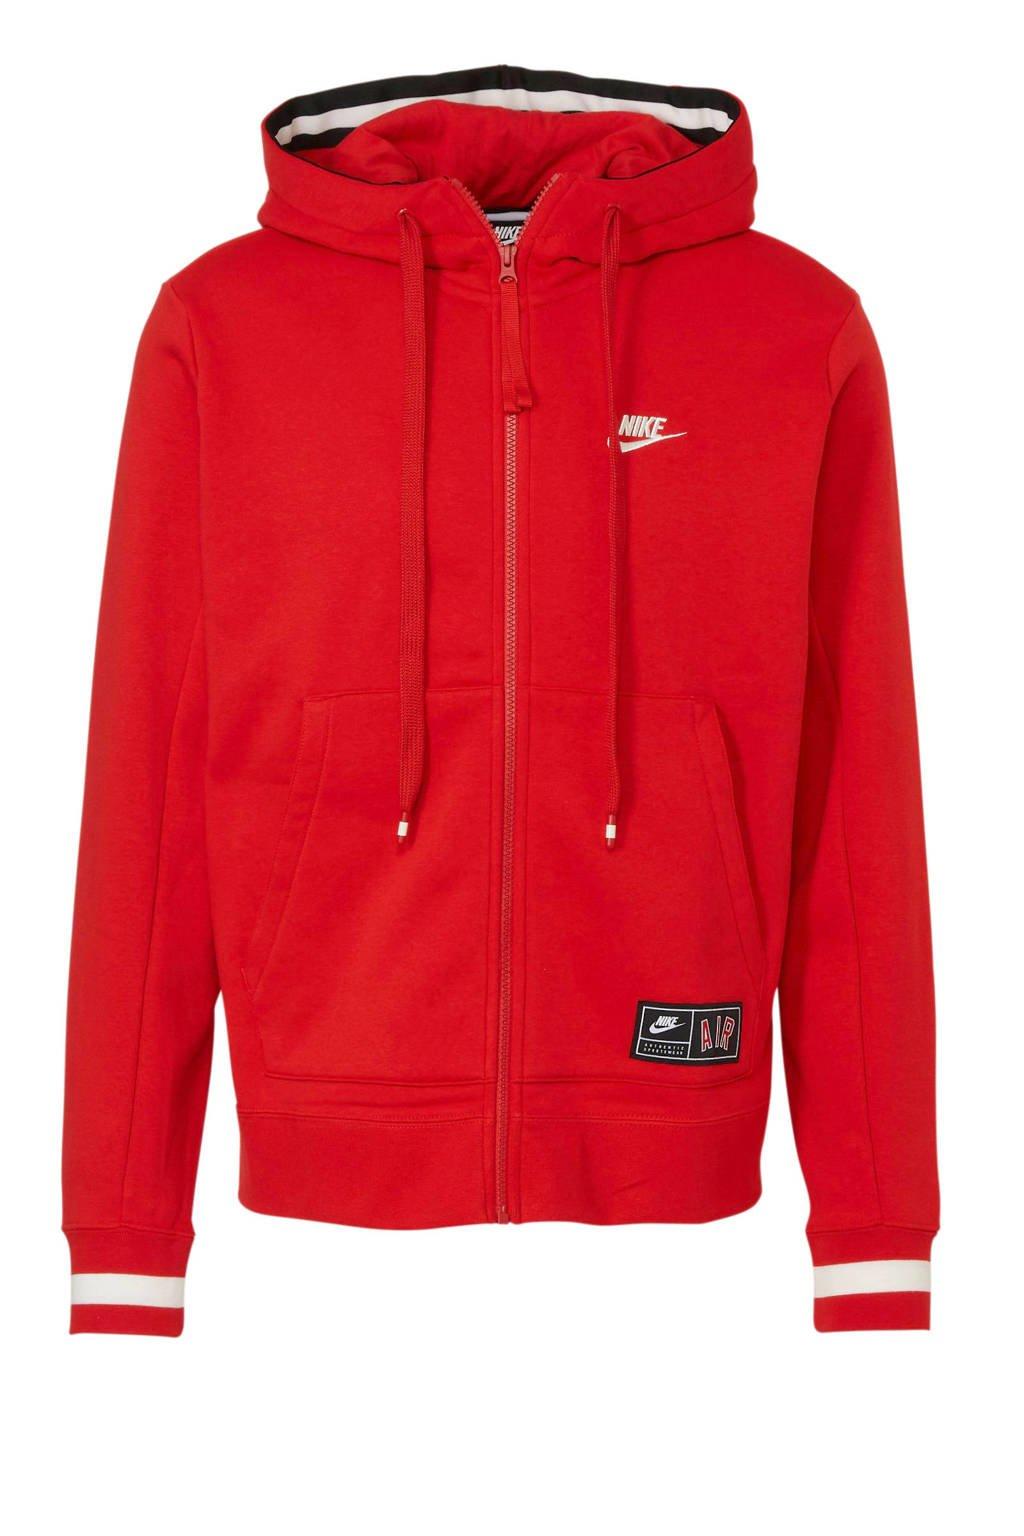 Nike   vest rood, Rood